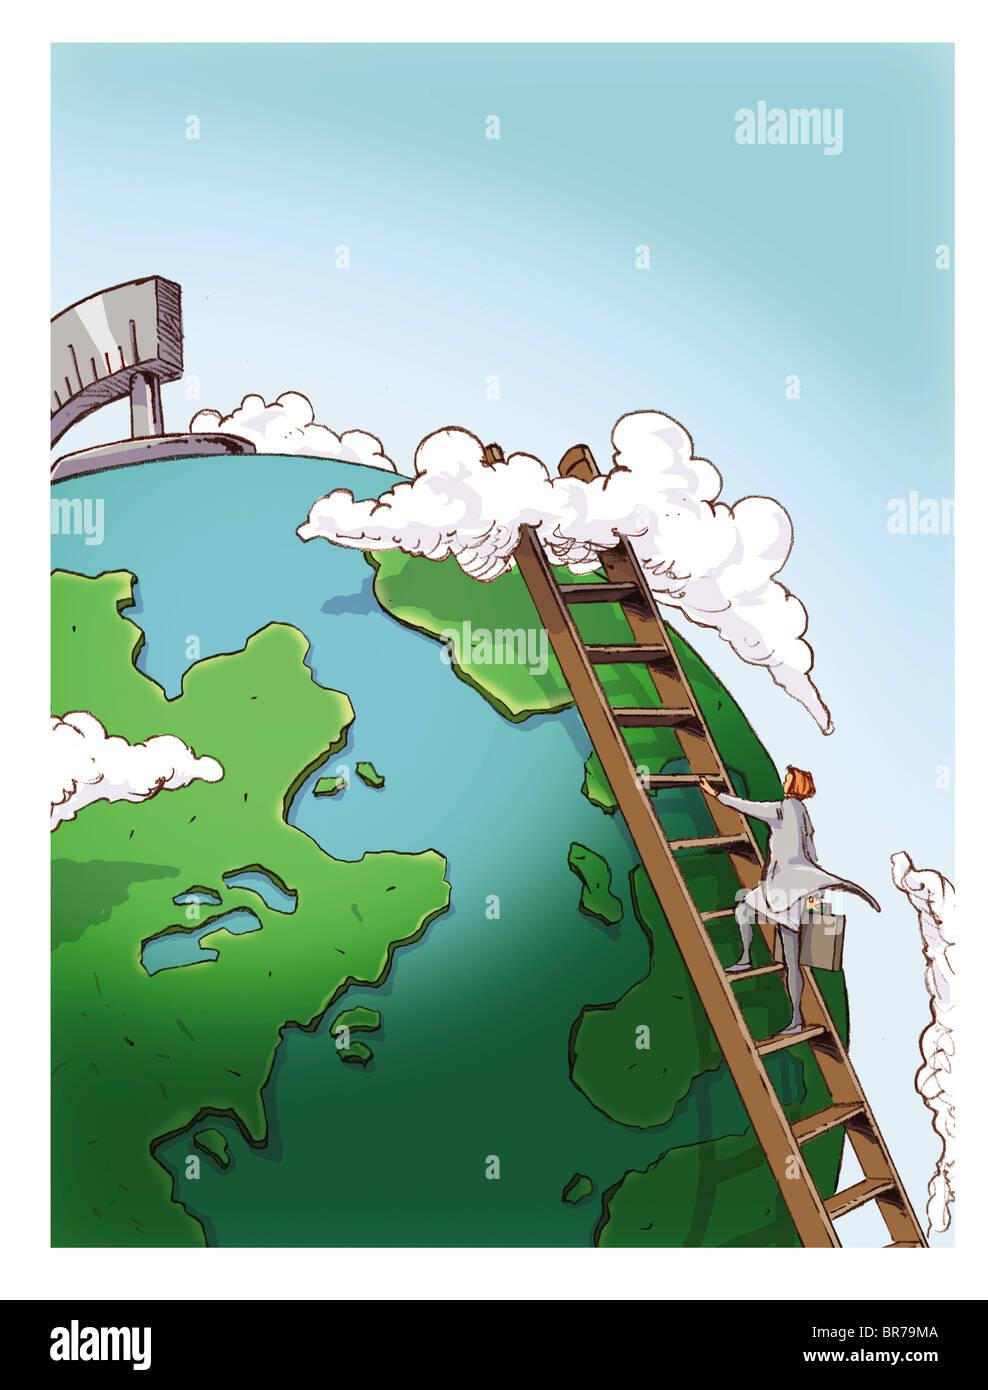 Geschäftsfrau, die auf eine Leiter klettern, kommt man an die Spitze der Welt Stockbild